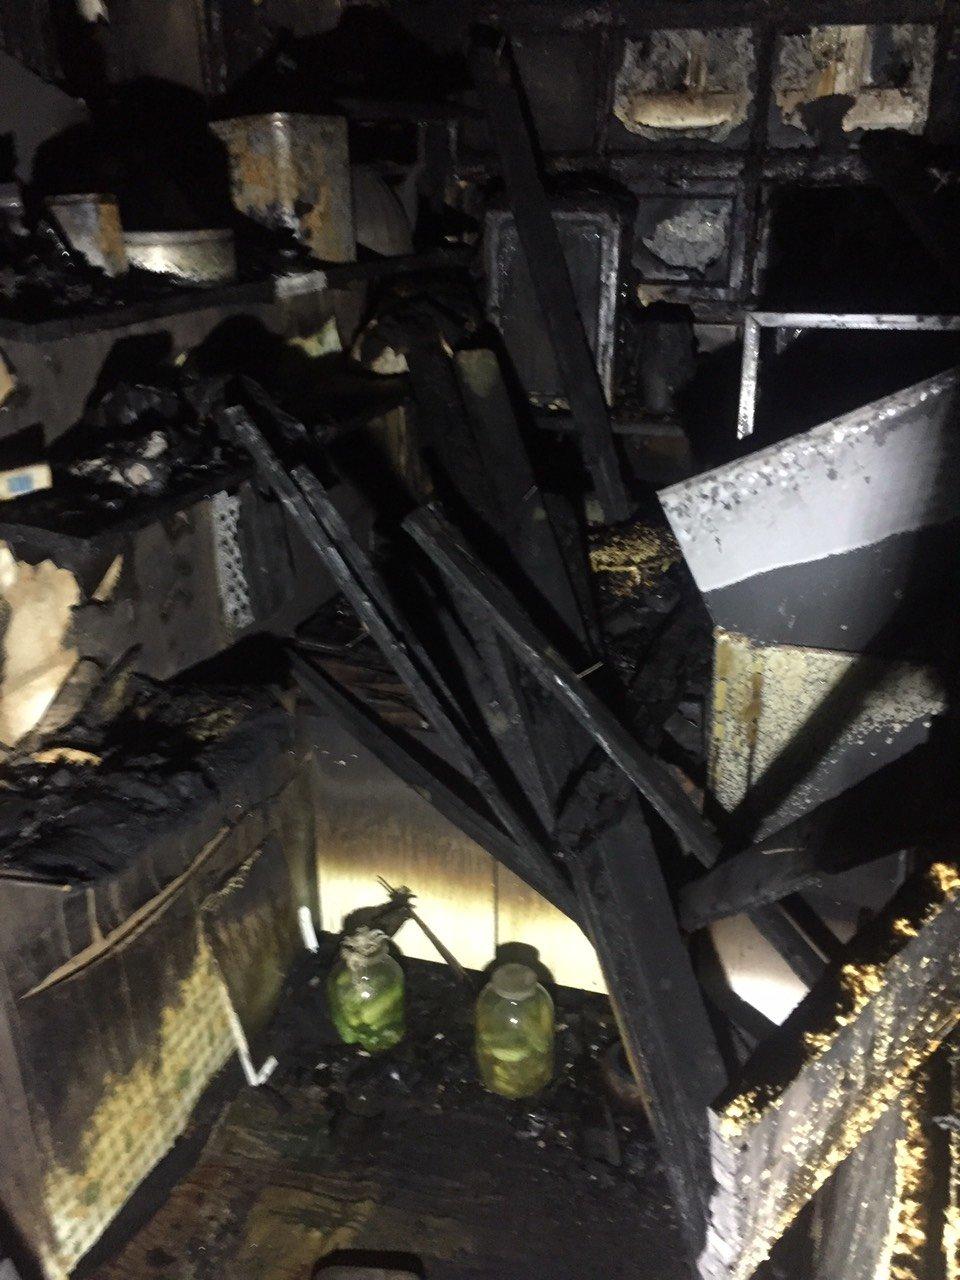 В Харькове загорелся частный жилой дом: спасатели нашли труп пенсионерки, - ФОТО, фото-3